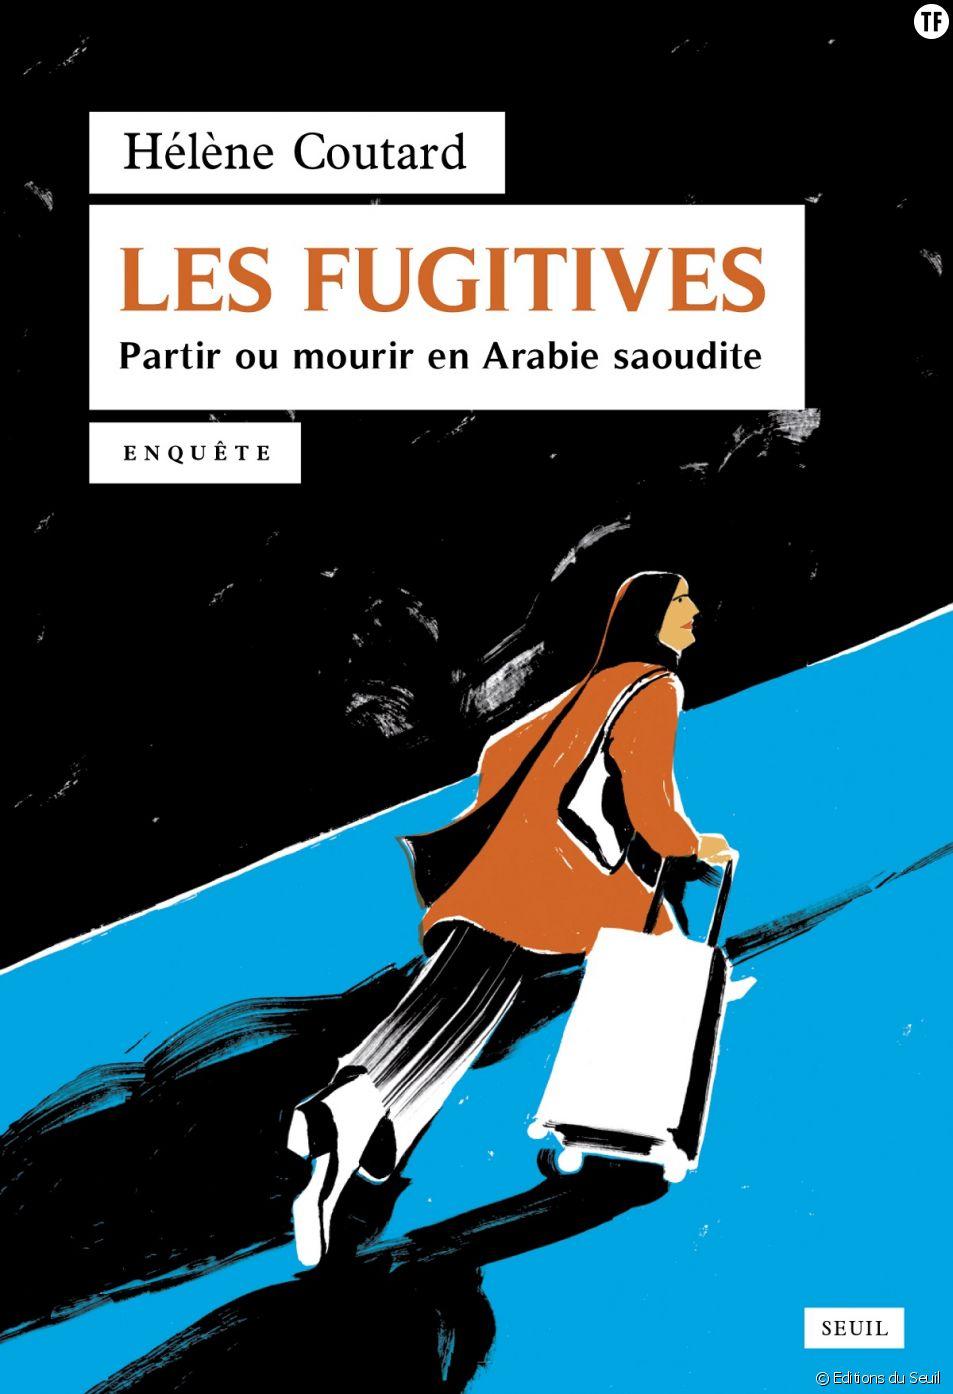 """""""Les fugitives"""", captivante et poignante enquête sur ces jeunes femmes qui fuient l'Arabie Saoudite."""